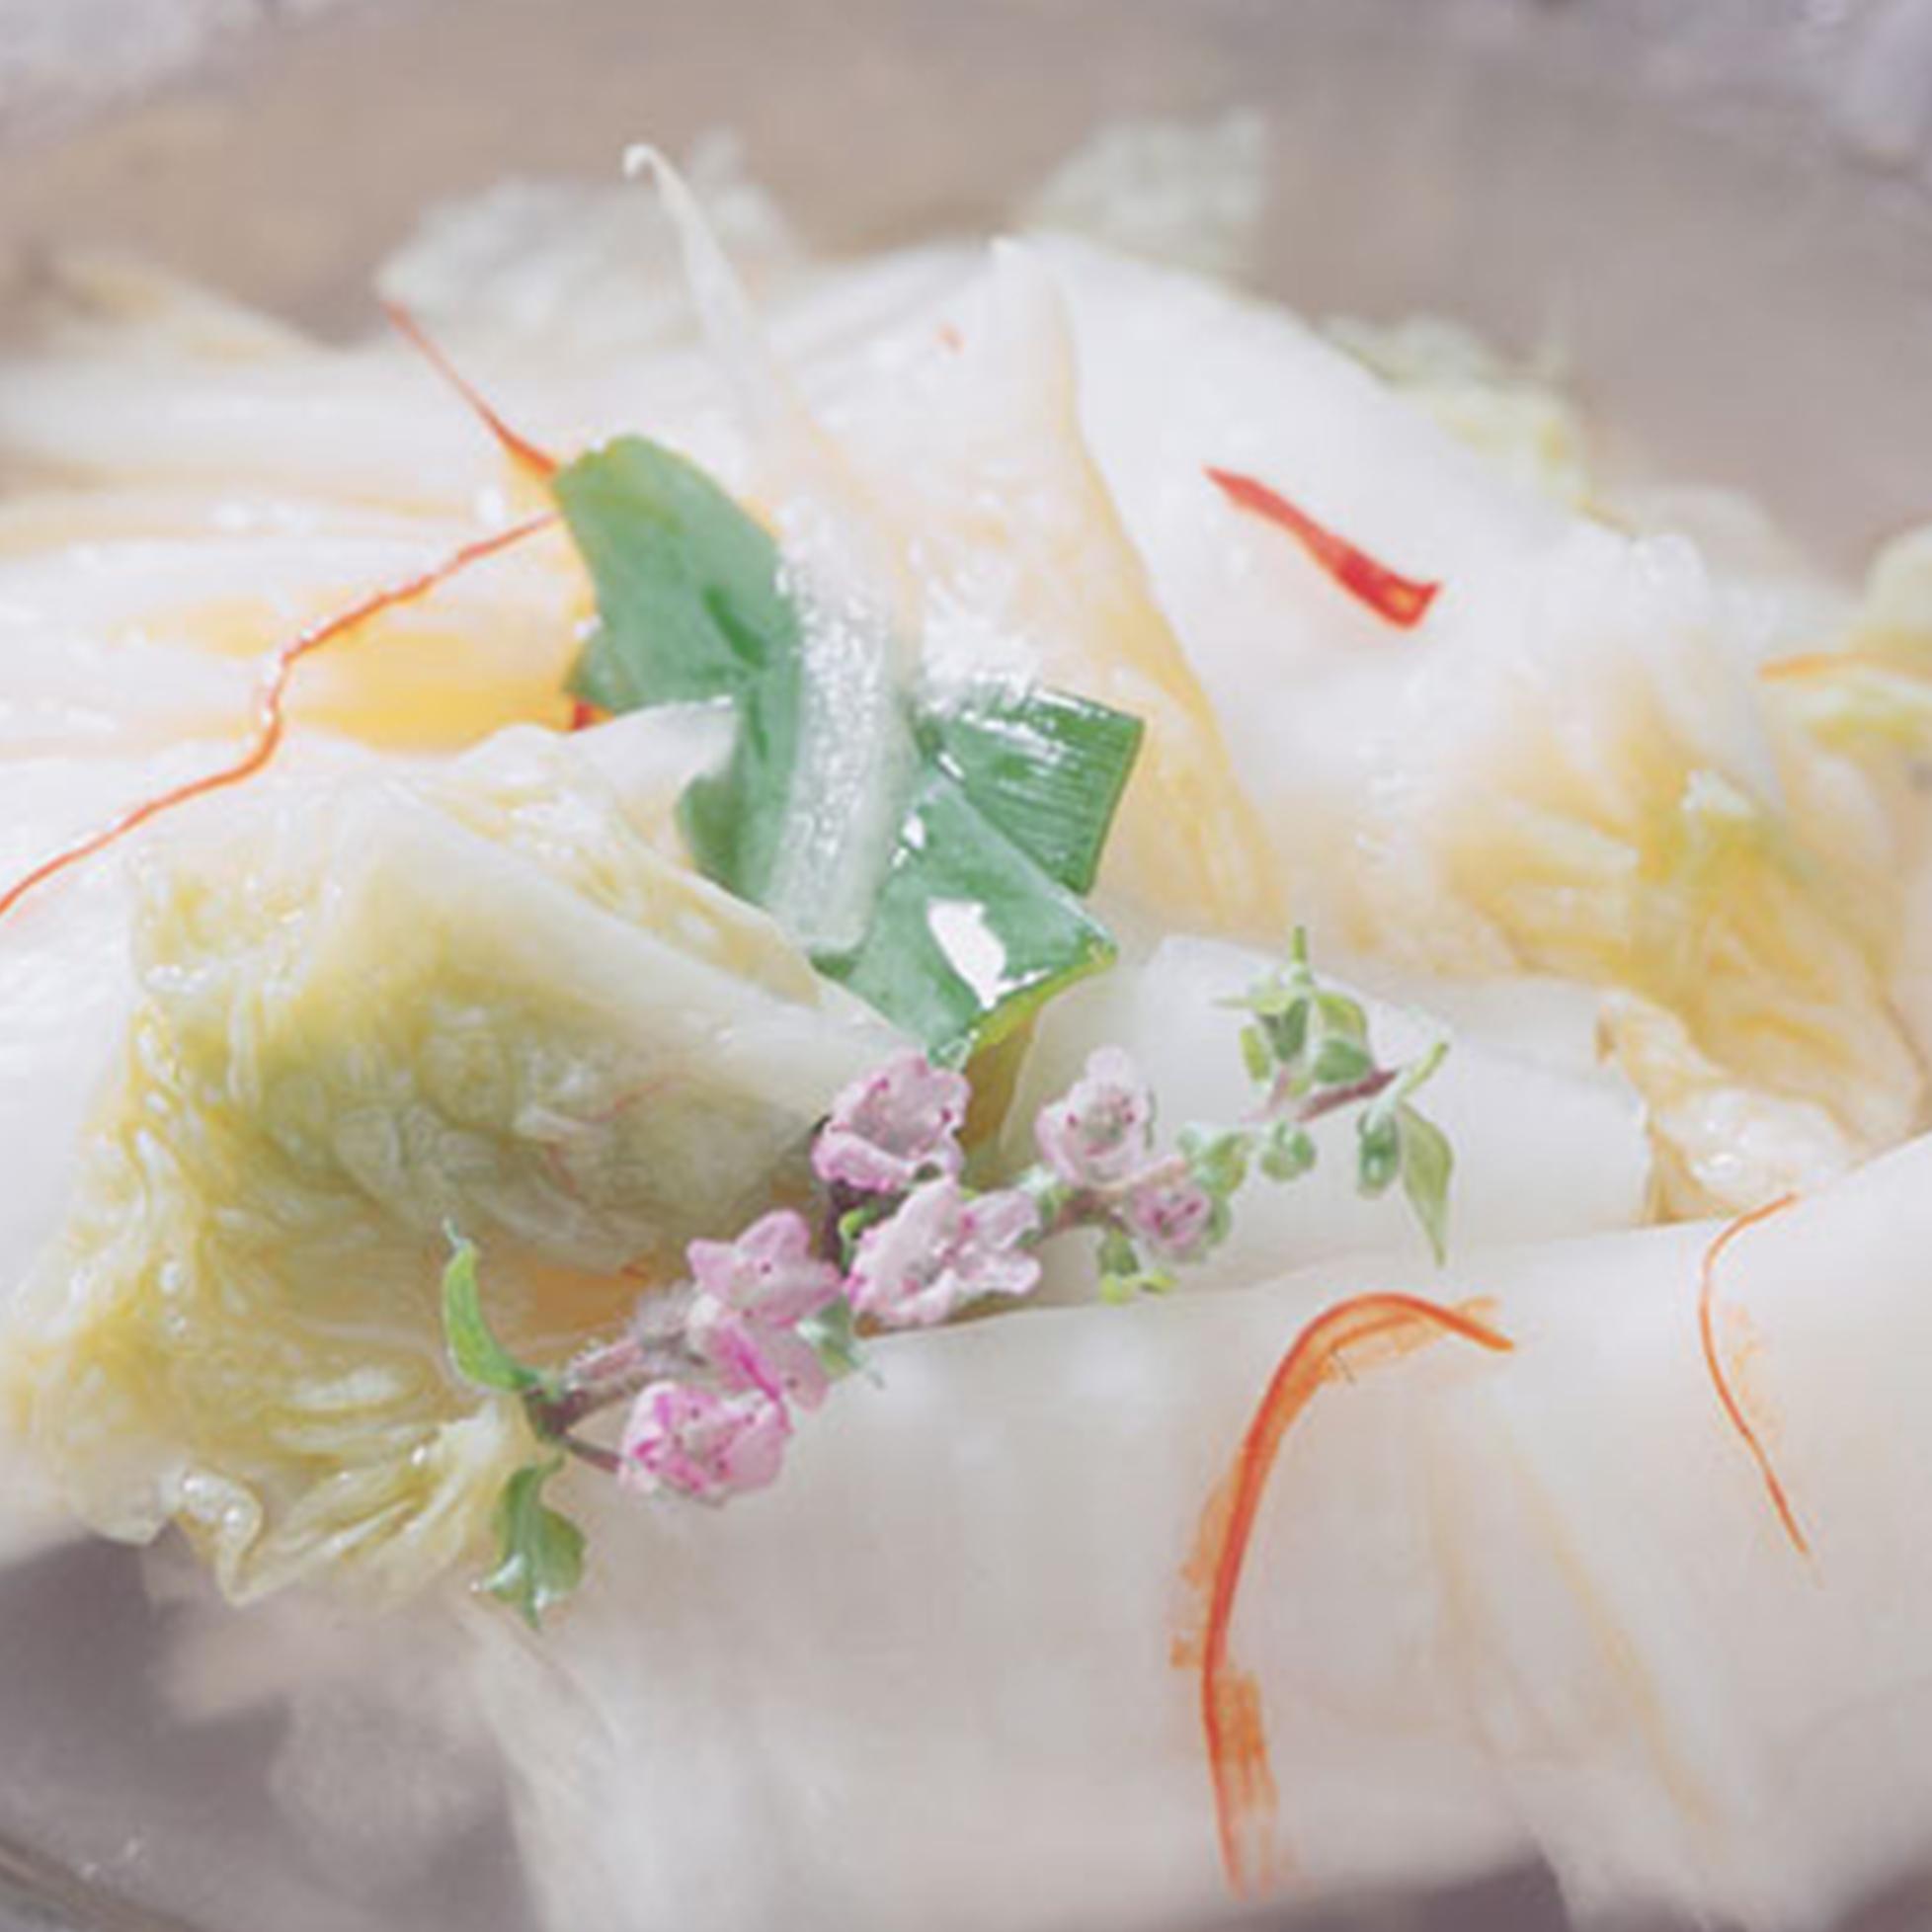 柚子入り水キムチ(350g)